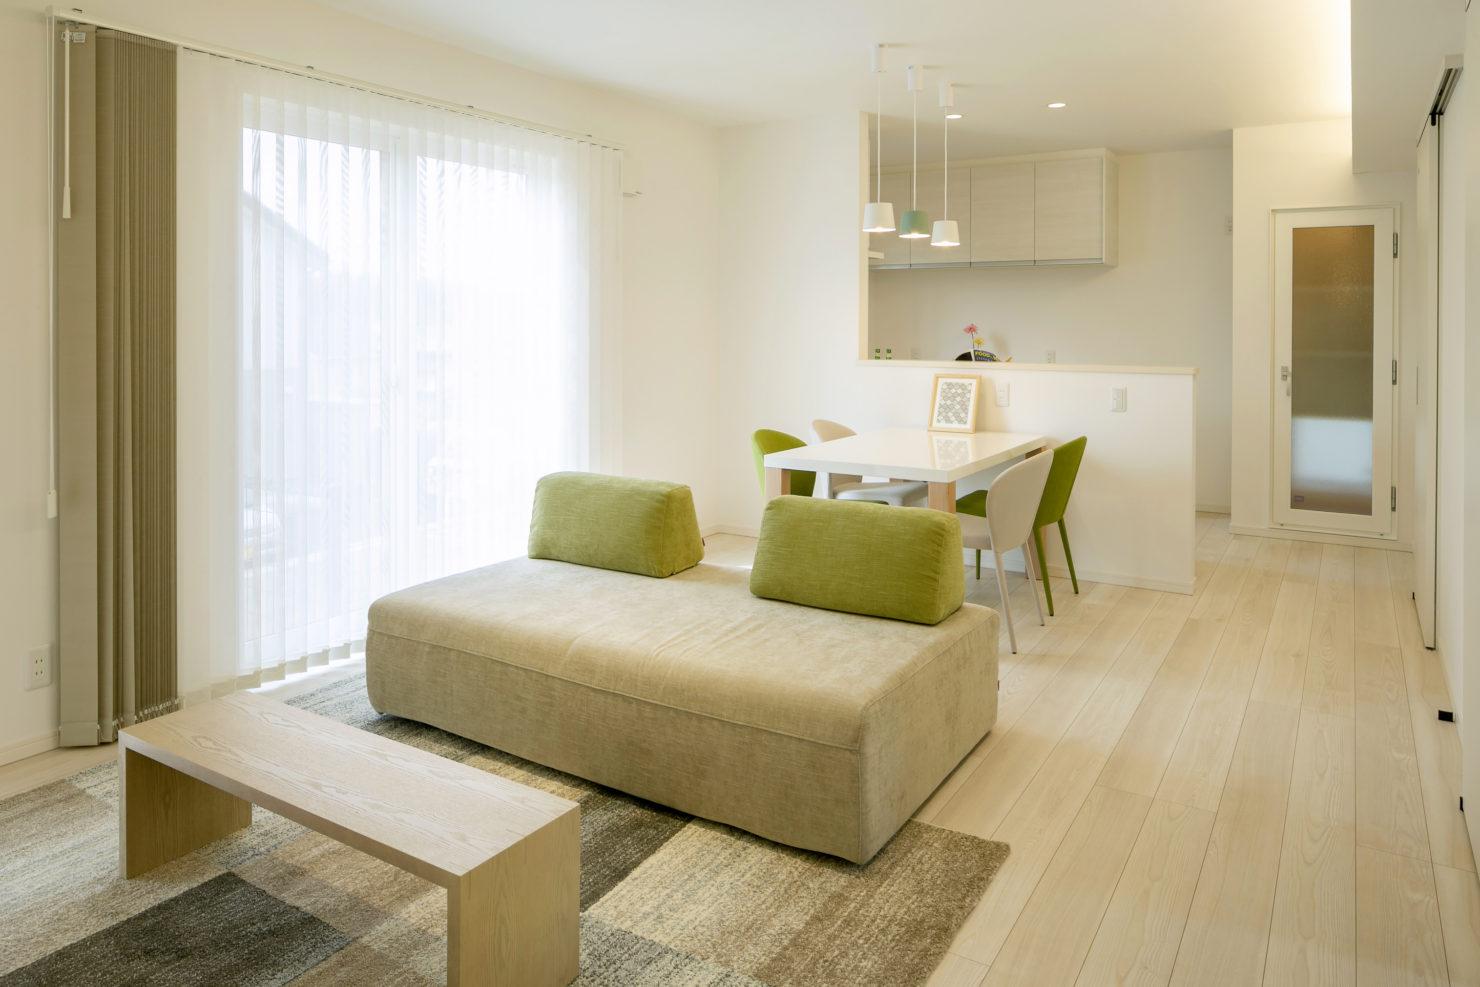 ハウスM21 盛岡市黒石野建売住宅 リビング写真